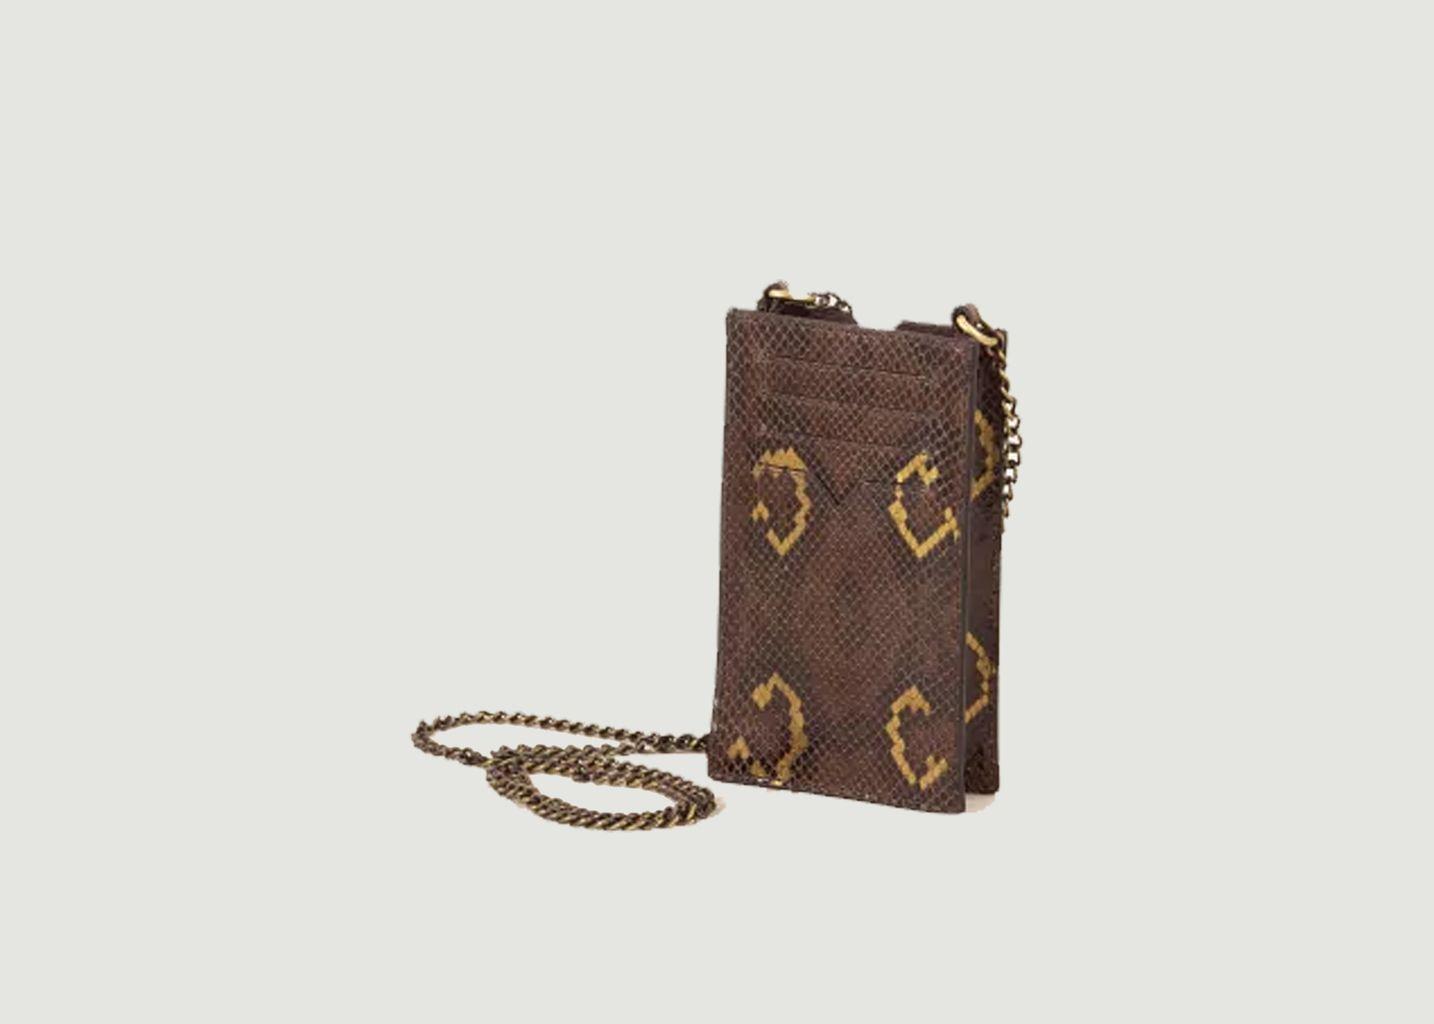 Pochette pour téléphone portable en cuir effet python Ama - Sessun